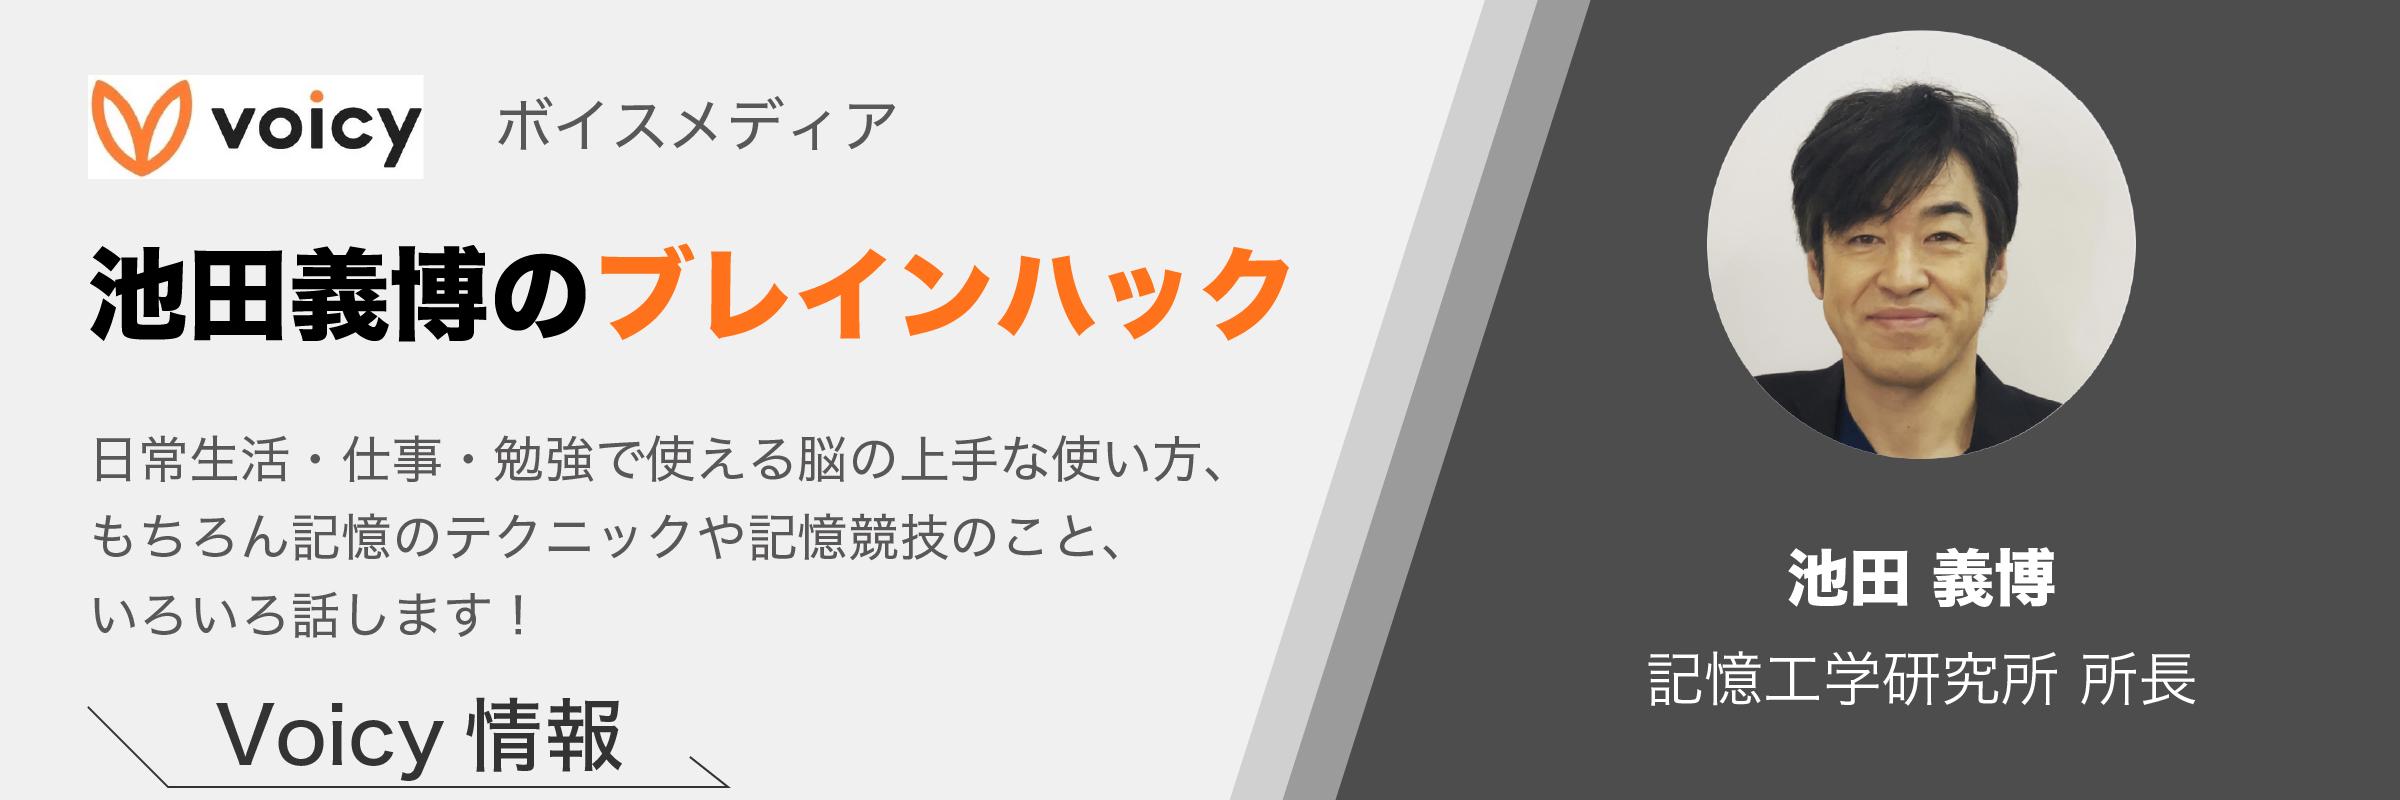 池田義博のブレインハック voicy